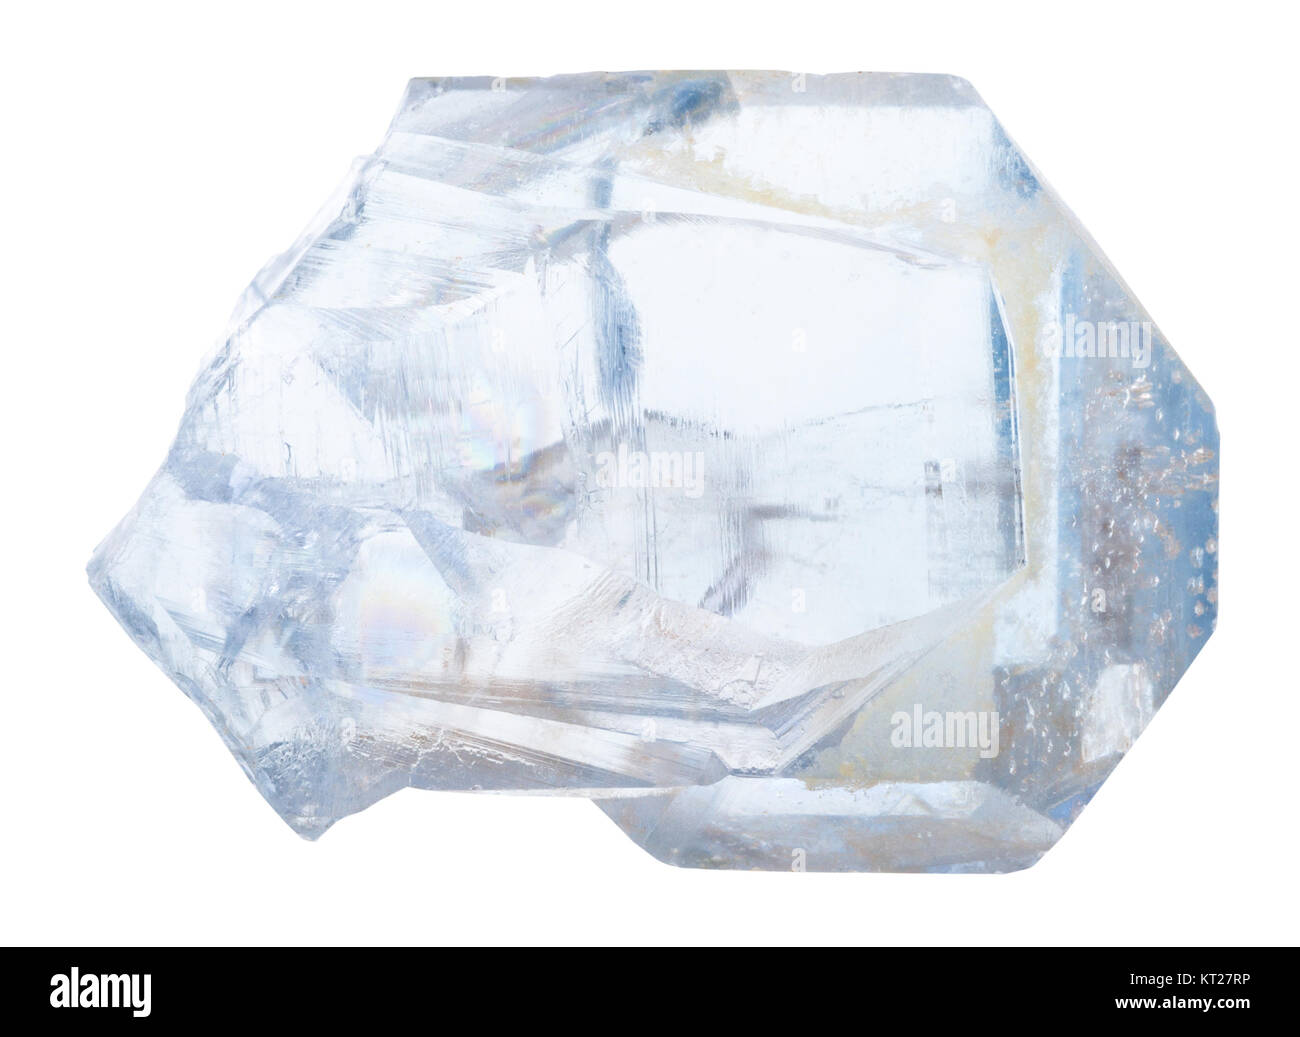 crystal of celestine stone isolated - Stock Image